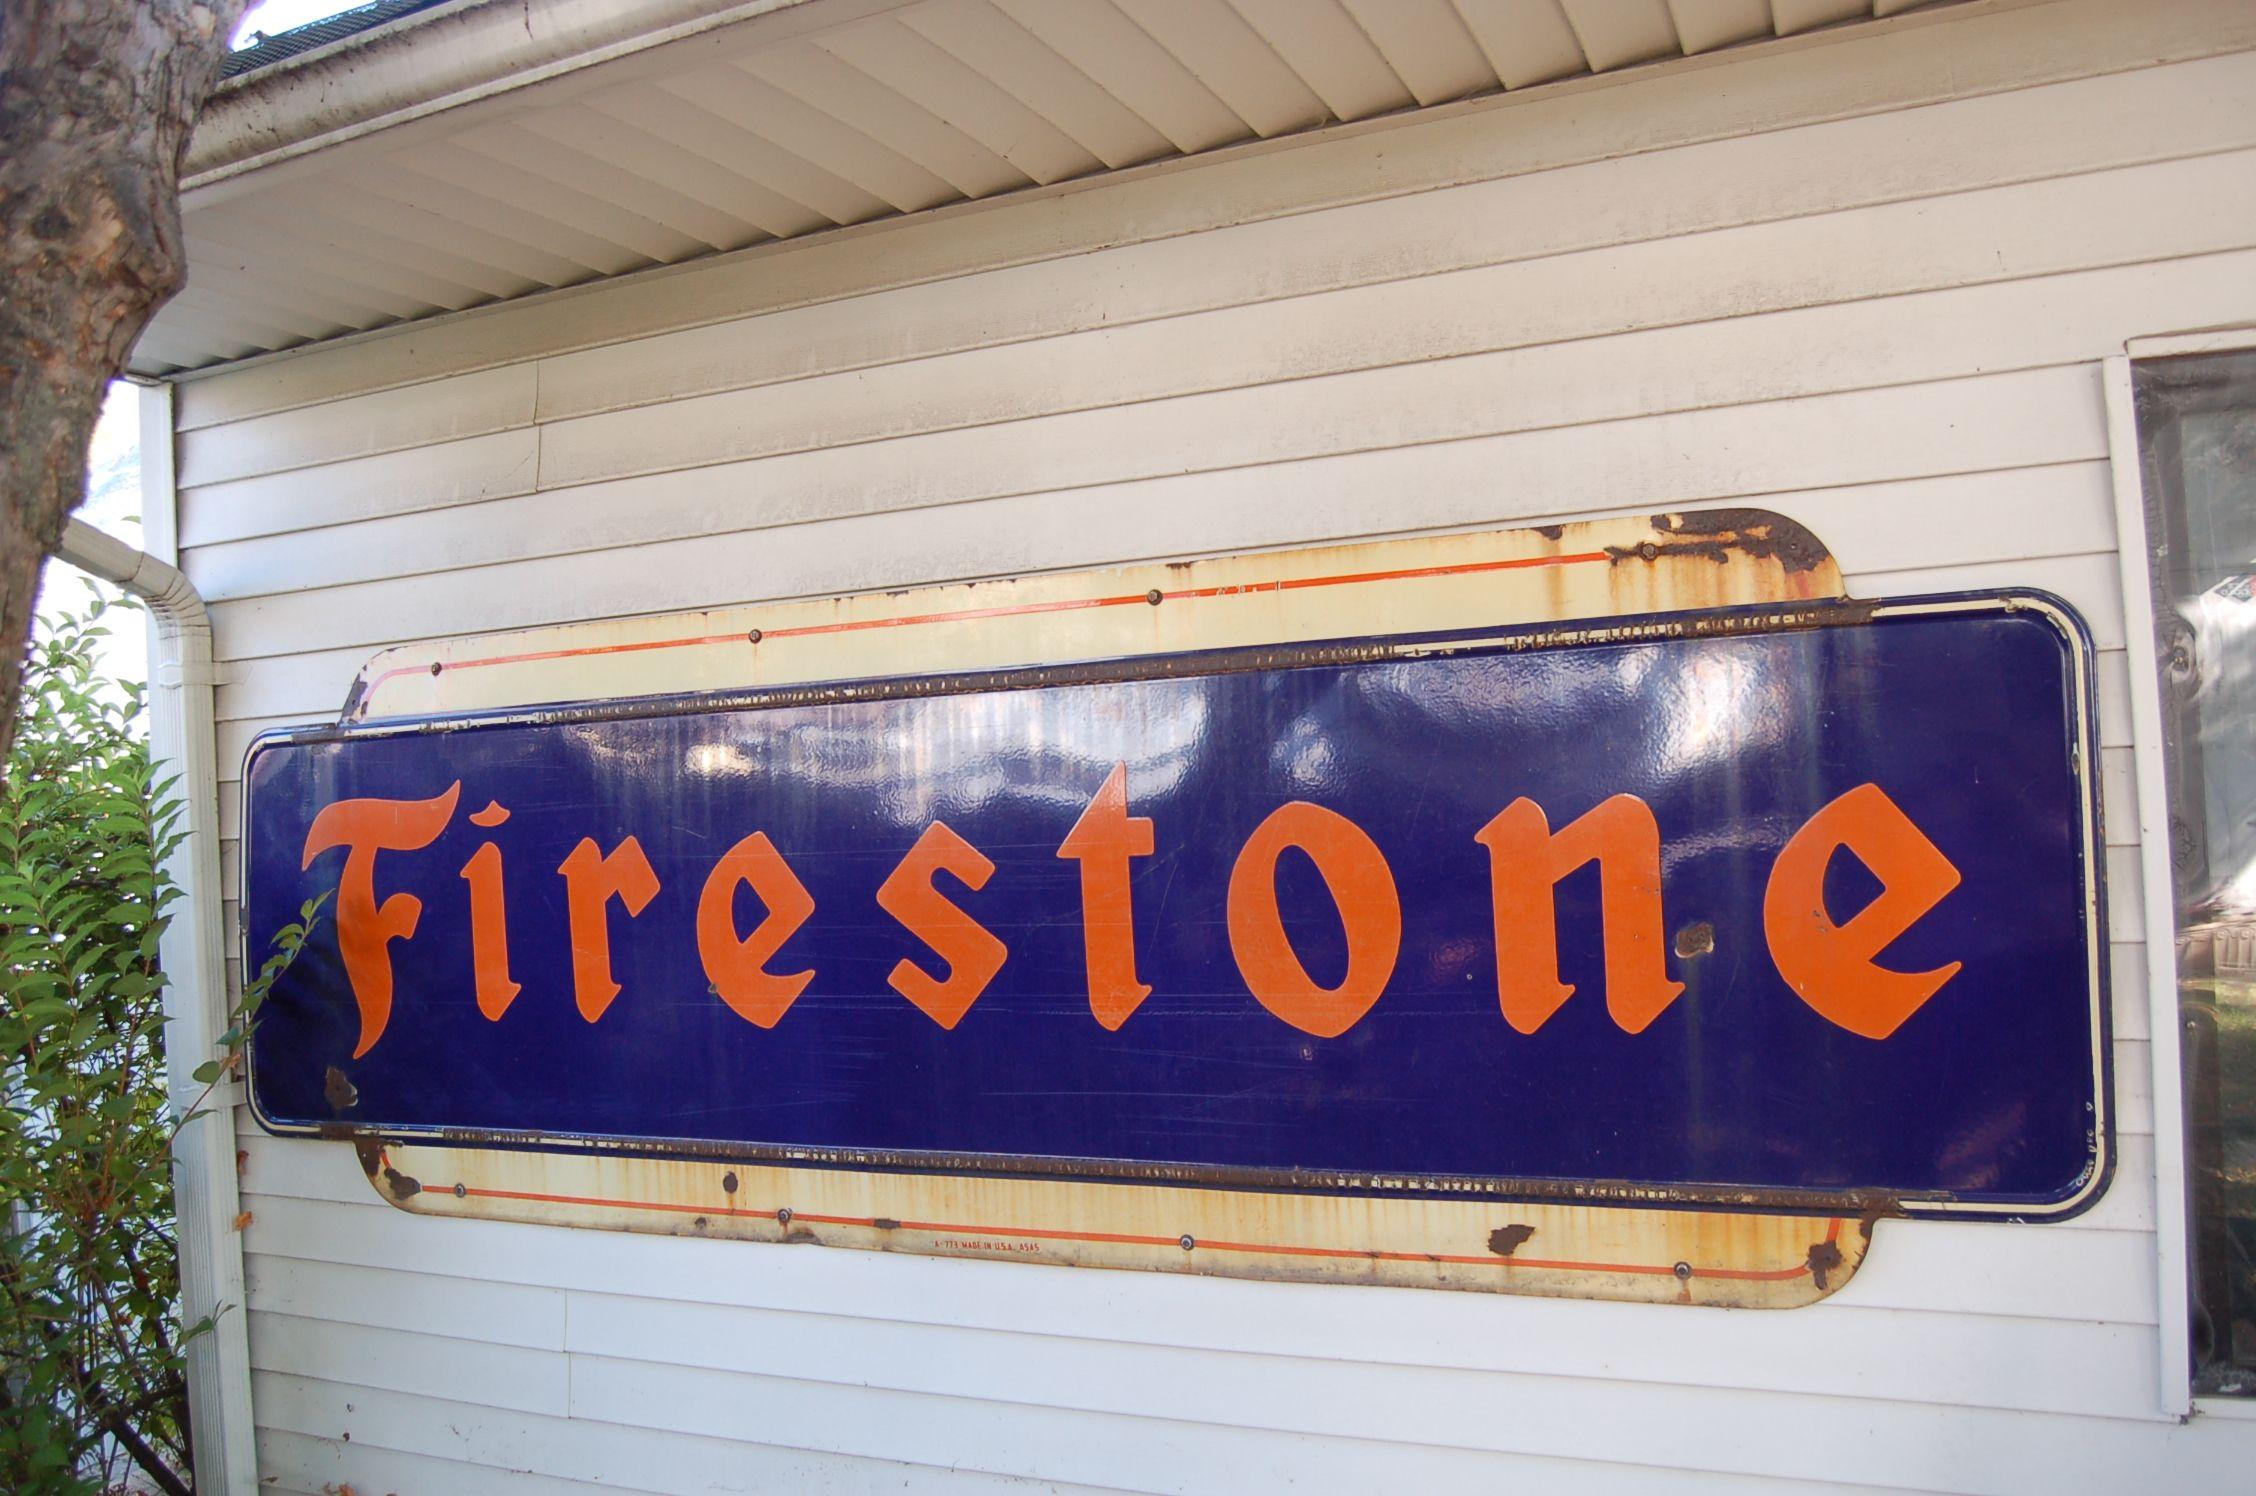 1947 Vintage Firestone porcelain on metal sign Brilliant blue and